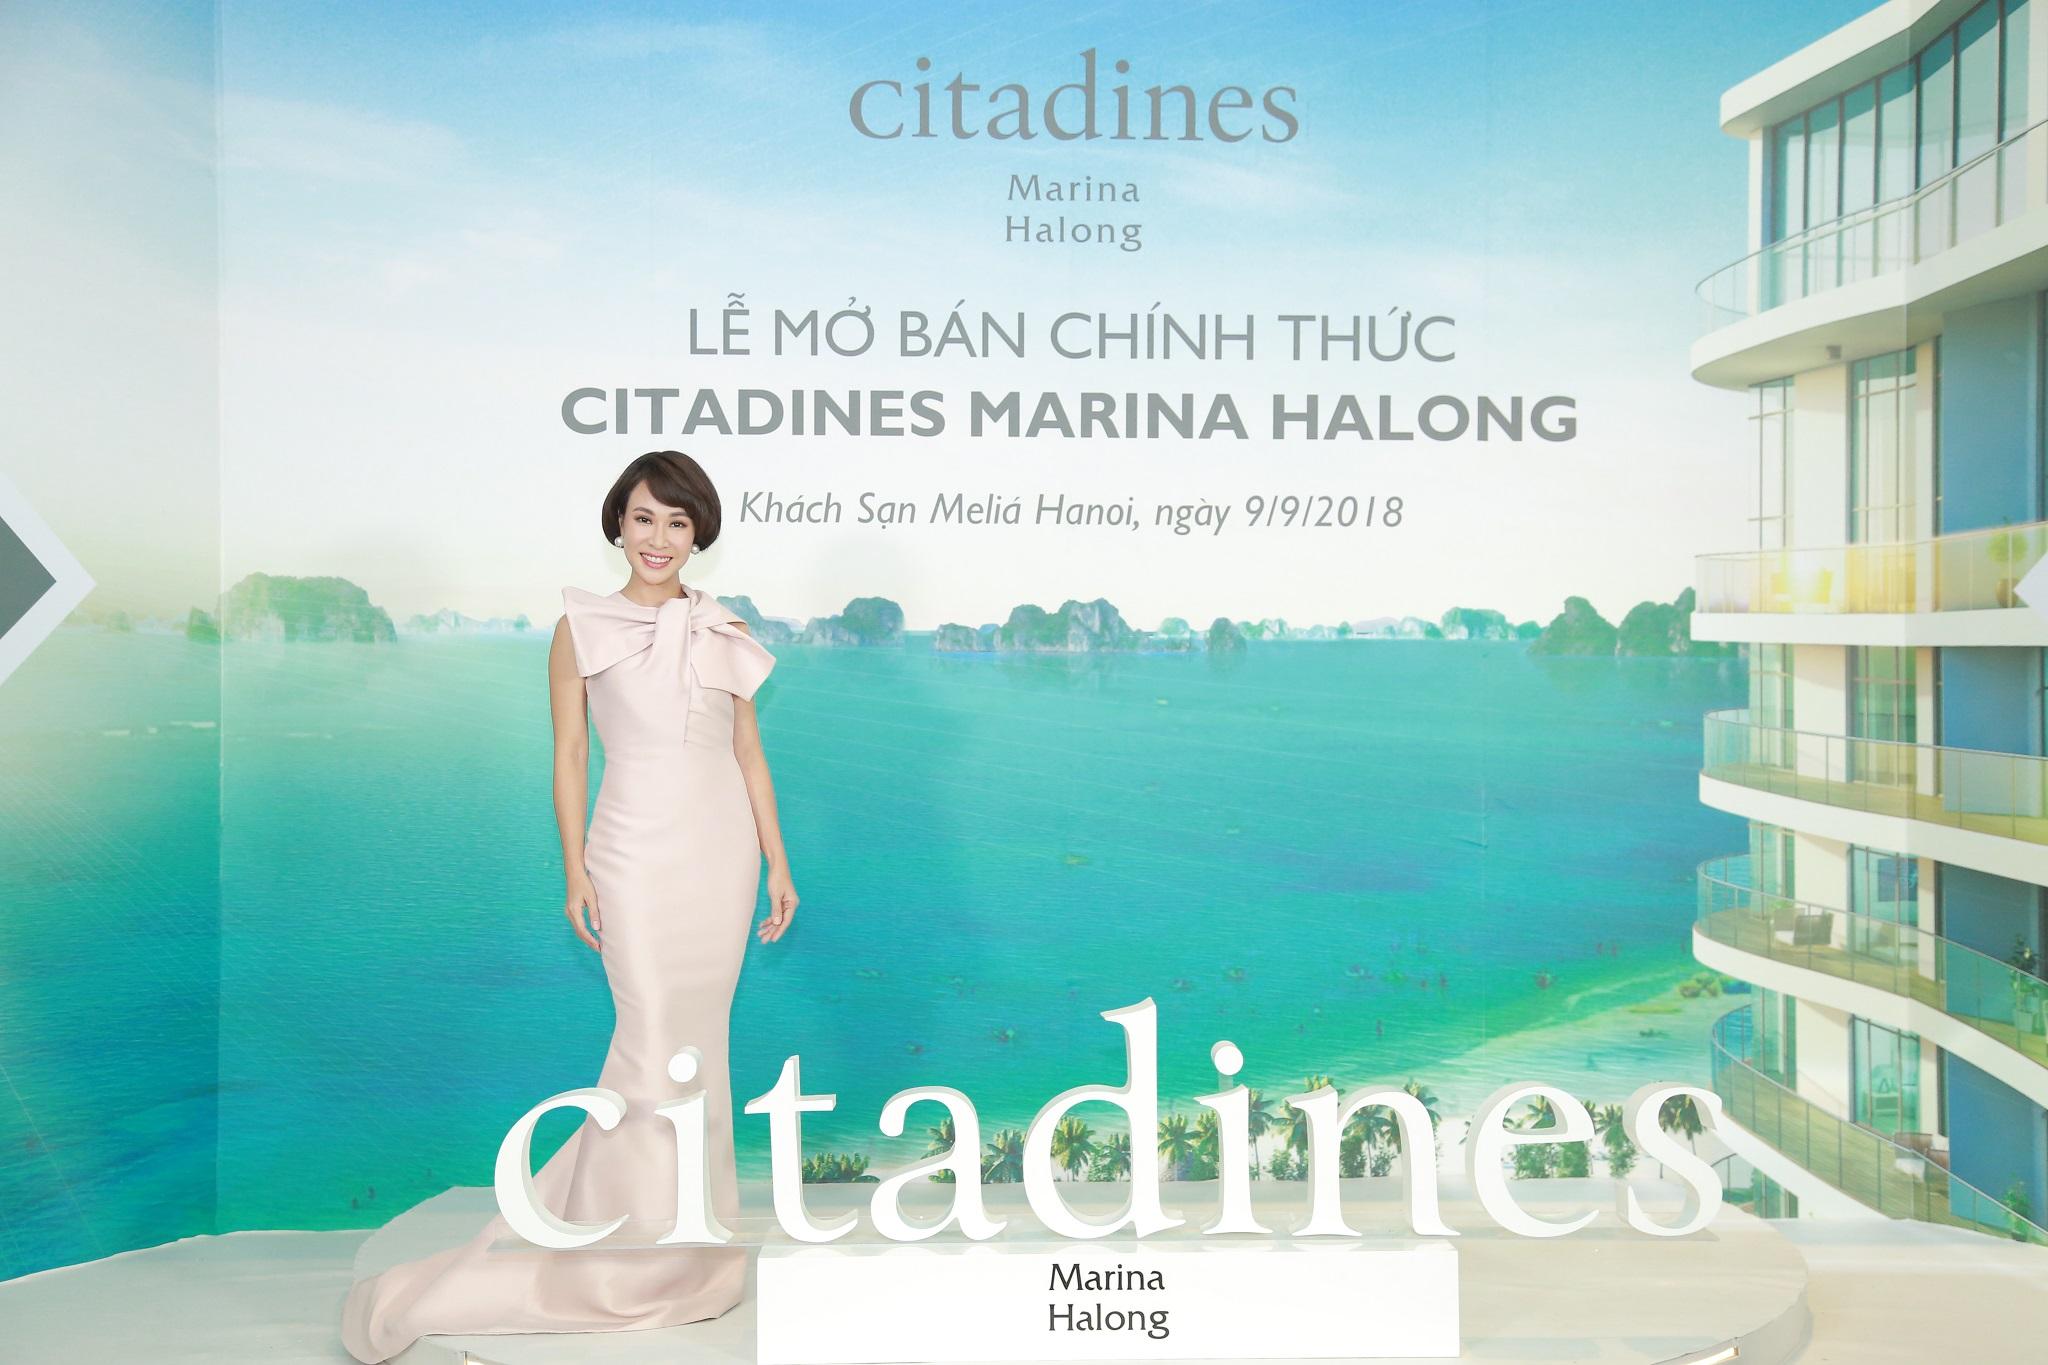 Chính thức mở bán dự án cao cấp Citadines Marina Halong 3